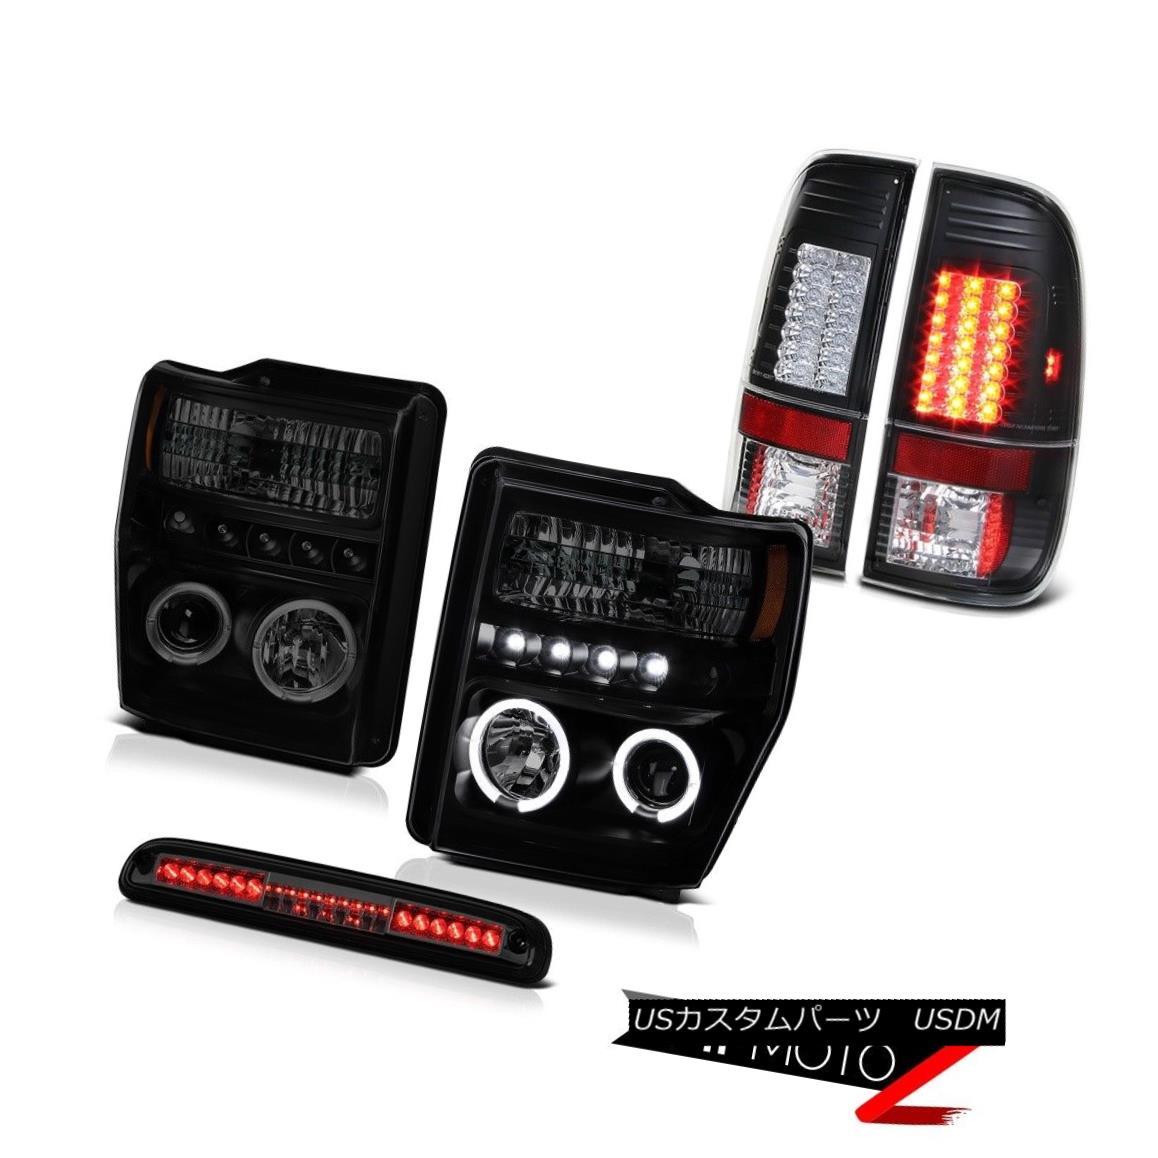 テールライト Halo Headlights Smoke LED Black Taillamps Roof Stop Tinted 08-10 F350 King Ranch ヘイローヘッドライトスモークLEDブラックタイルランプ屋根ストーンテント08-10 F350キングランチ